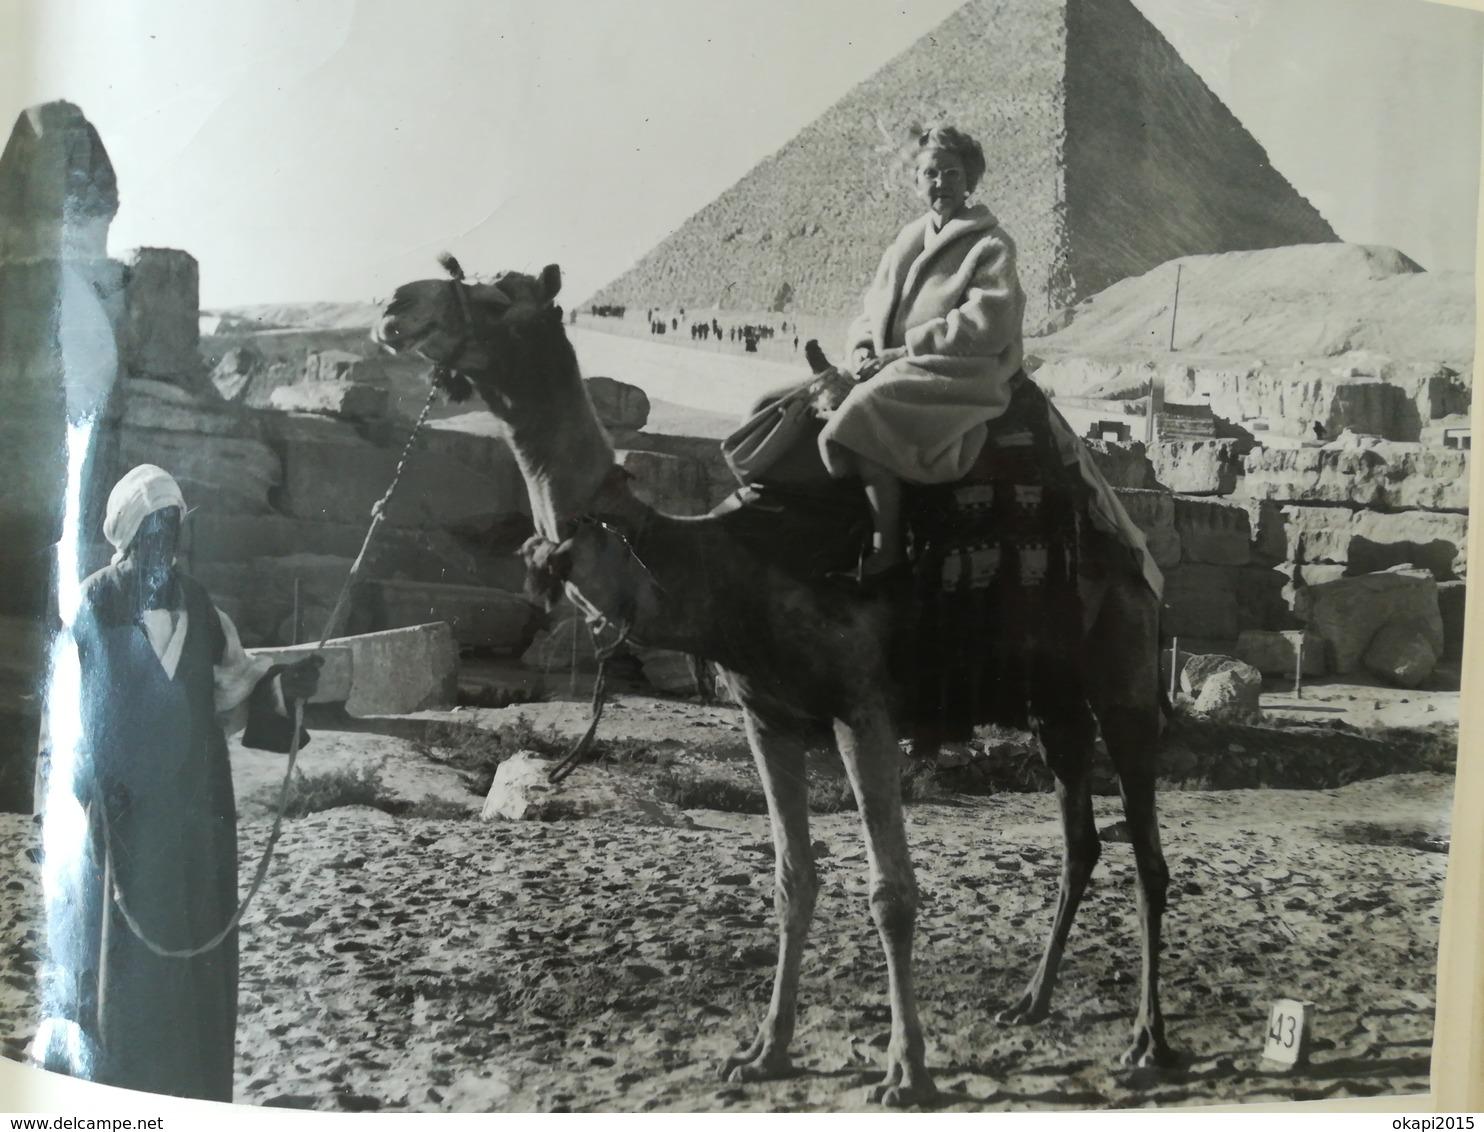 ÉGYPTE GRÈCE ITALIE BELGIQUE 2 ALBUMS AVEC UN TOTAL DE 128 PHOTOS ORIGINALES ET 120 CARTES POSTALES COLLÉES DANS ALBUMS - Albums & Collections